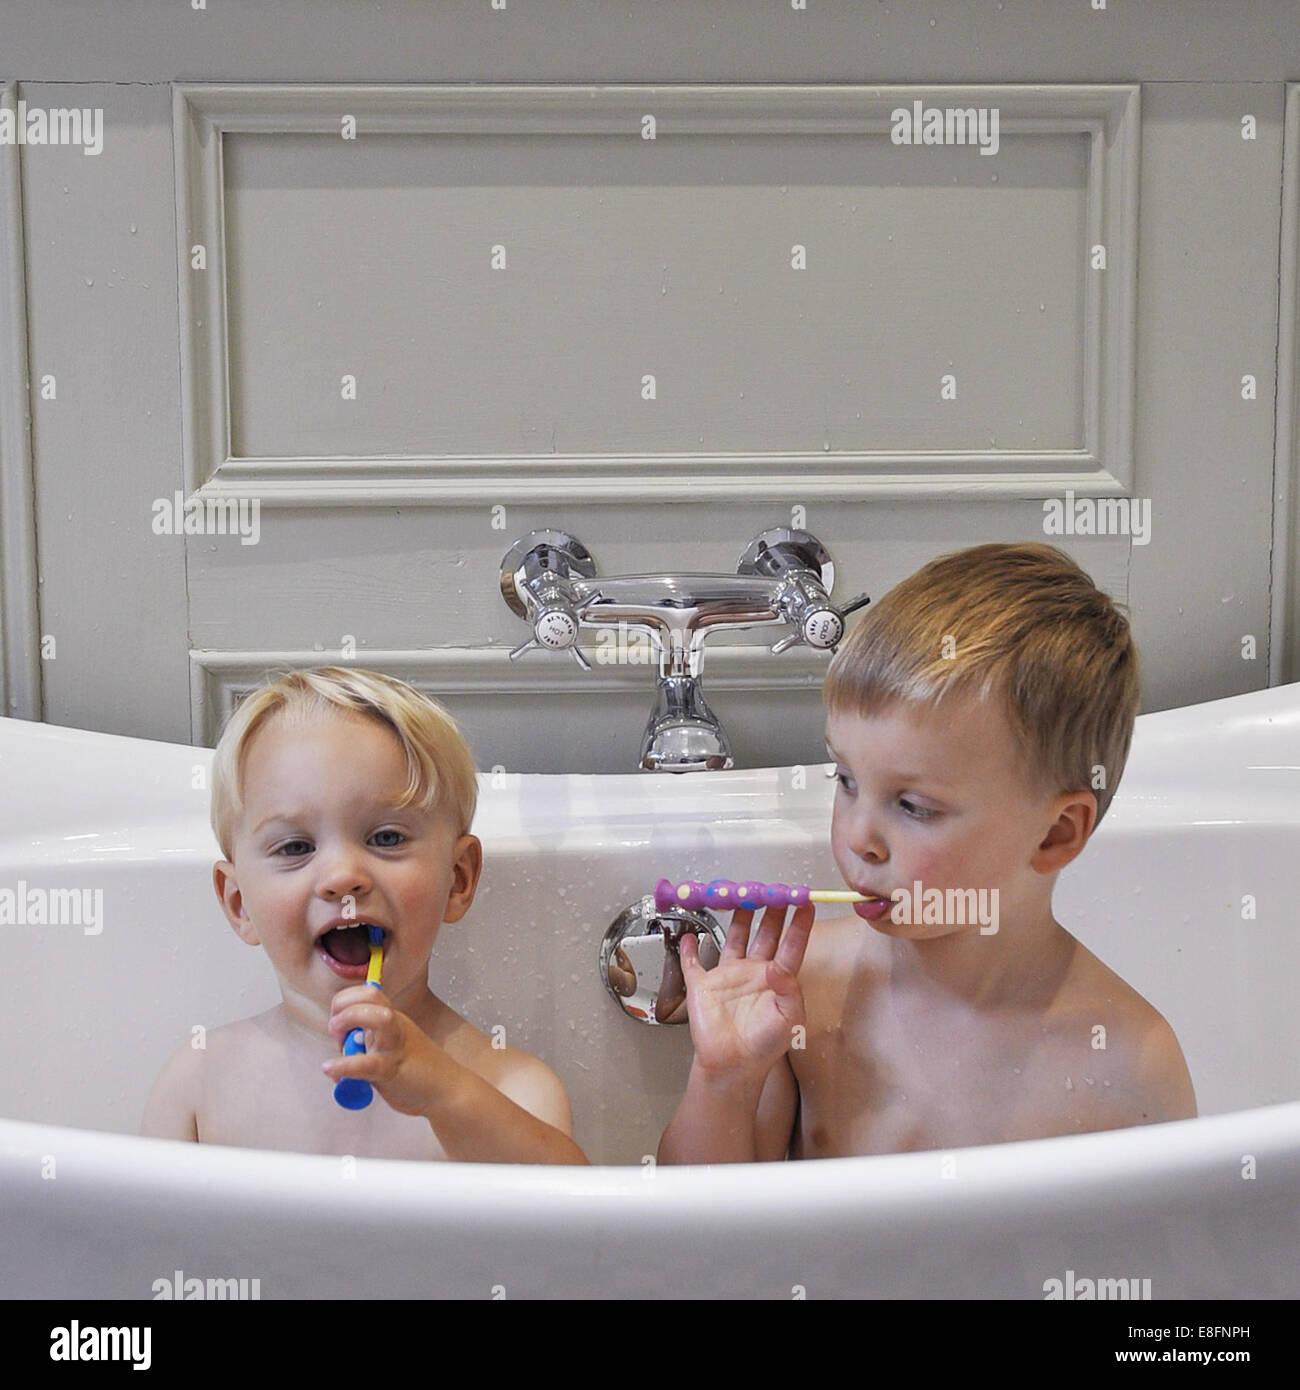 Bambino Nella Vasca Da Bagno.Due Ragazzi Seduti Nella Vasca Da Bagno Lavarsi I Denti Foto Stock Alamy